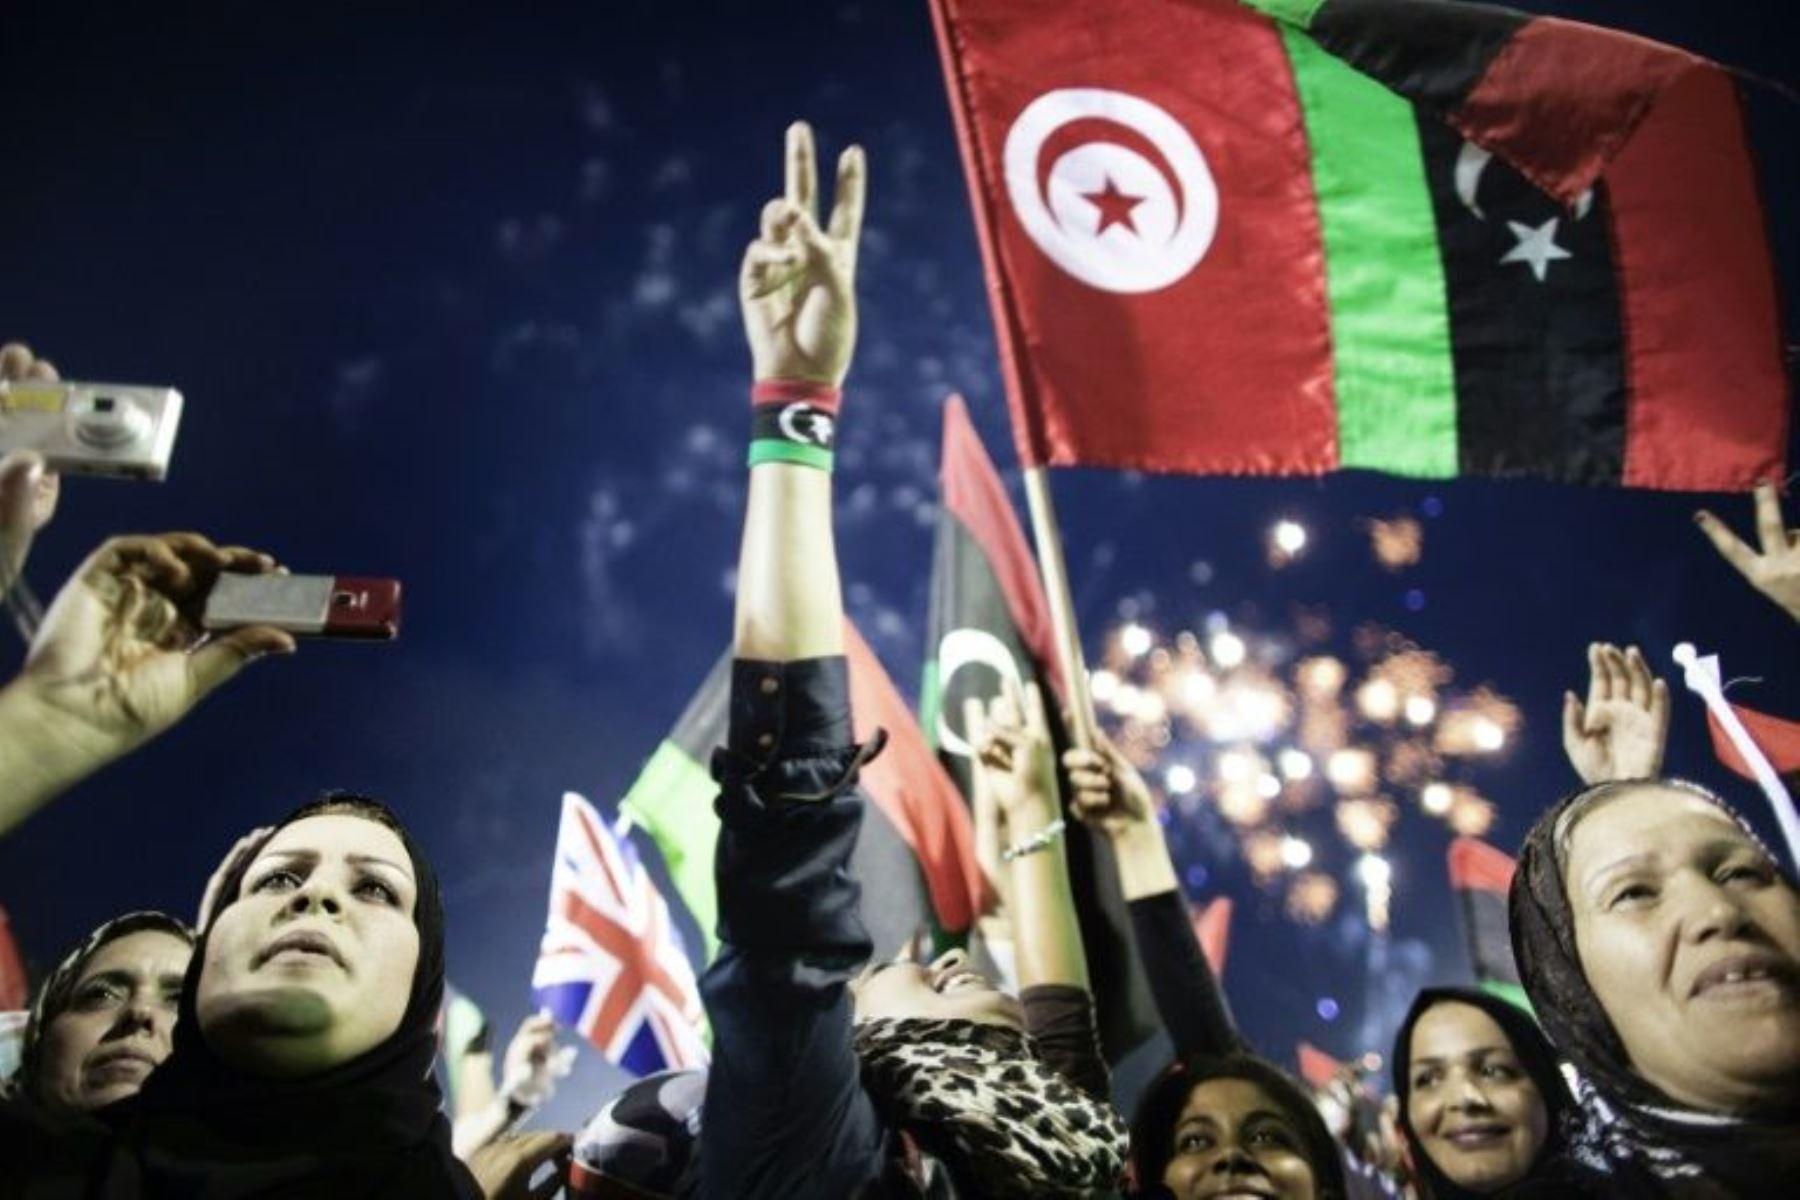 Unas libias celebran el anuncio de la liberación del país el 23 de octubre de 2011 en la Plaza de los Mártires de Trípoli, tres días después de la captura y muerte del líder Muamar Gadafi. Foto: AFP